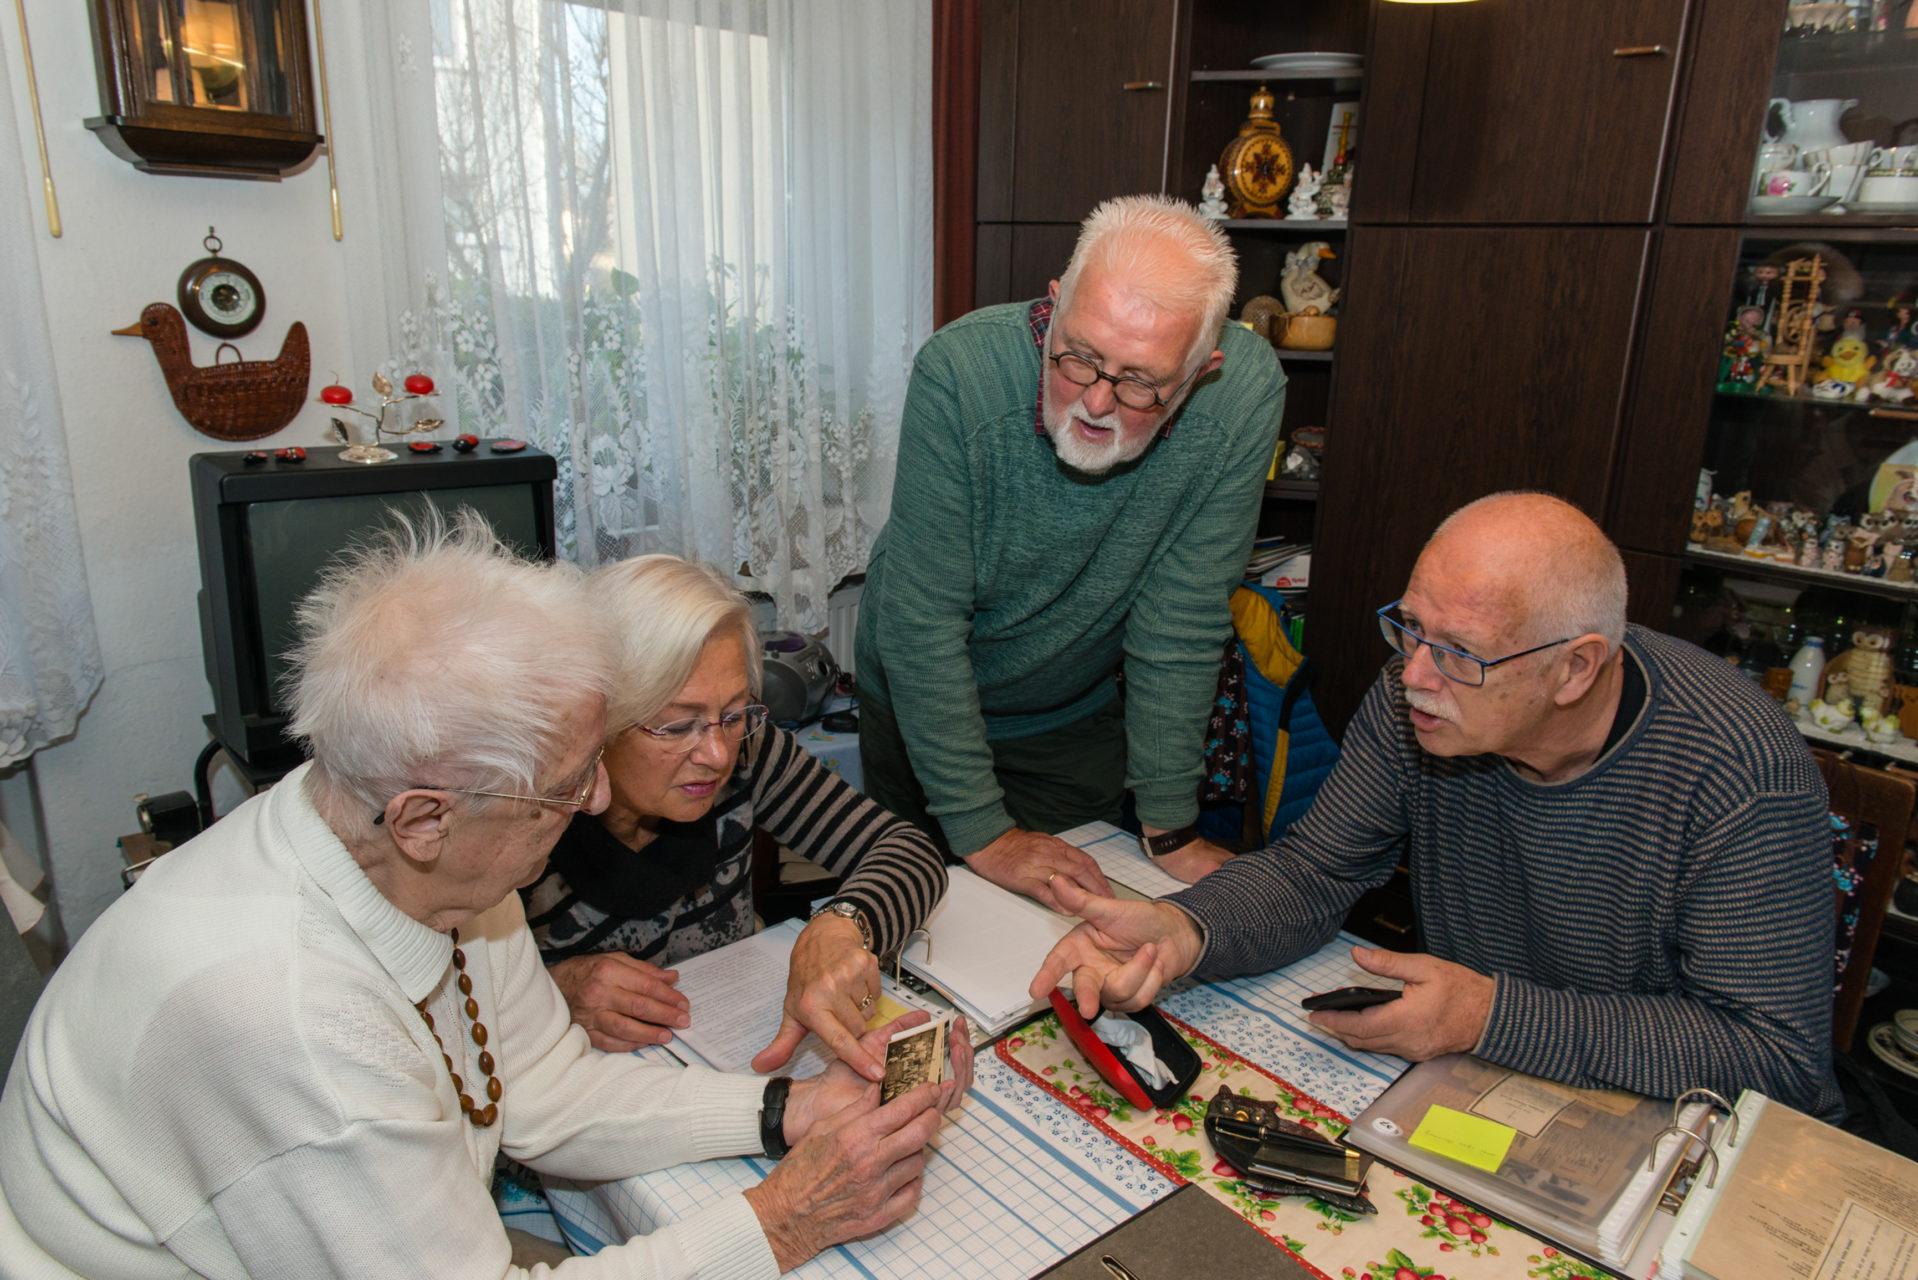 Familie Kijk in de Vegte bij Ursula Borstorff, Raguhn